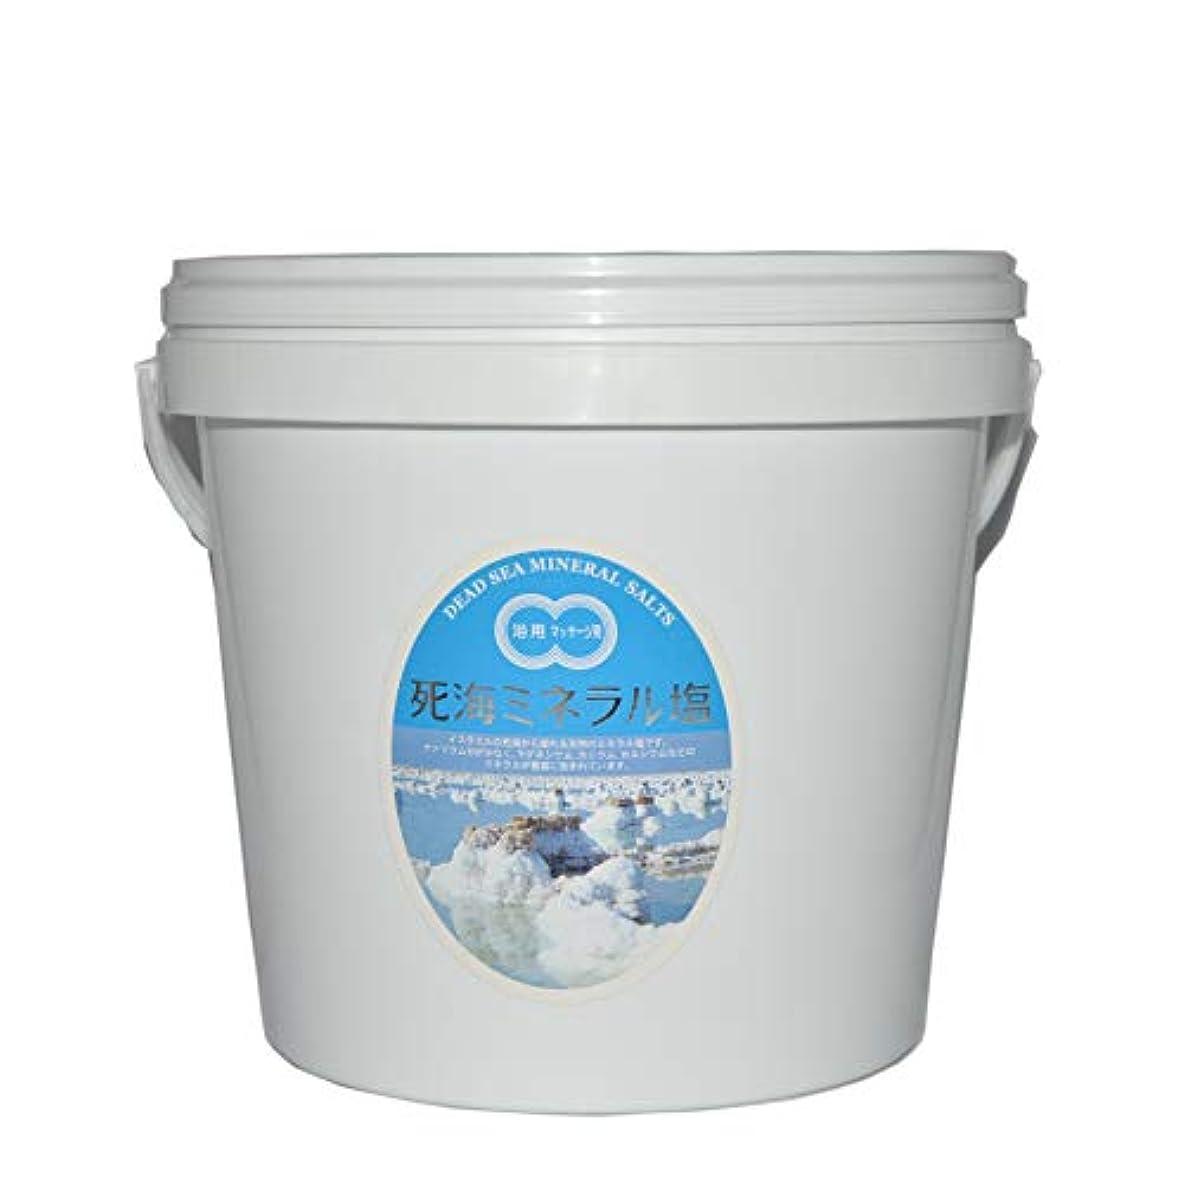 葉を集めるラベル多用途死海ミネラル塩5kgバケツ